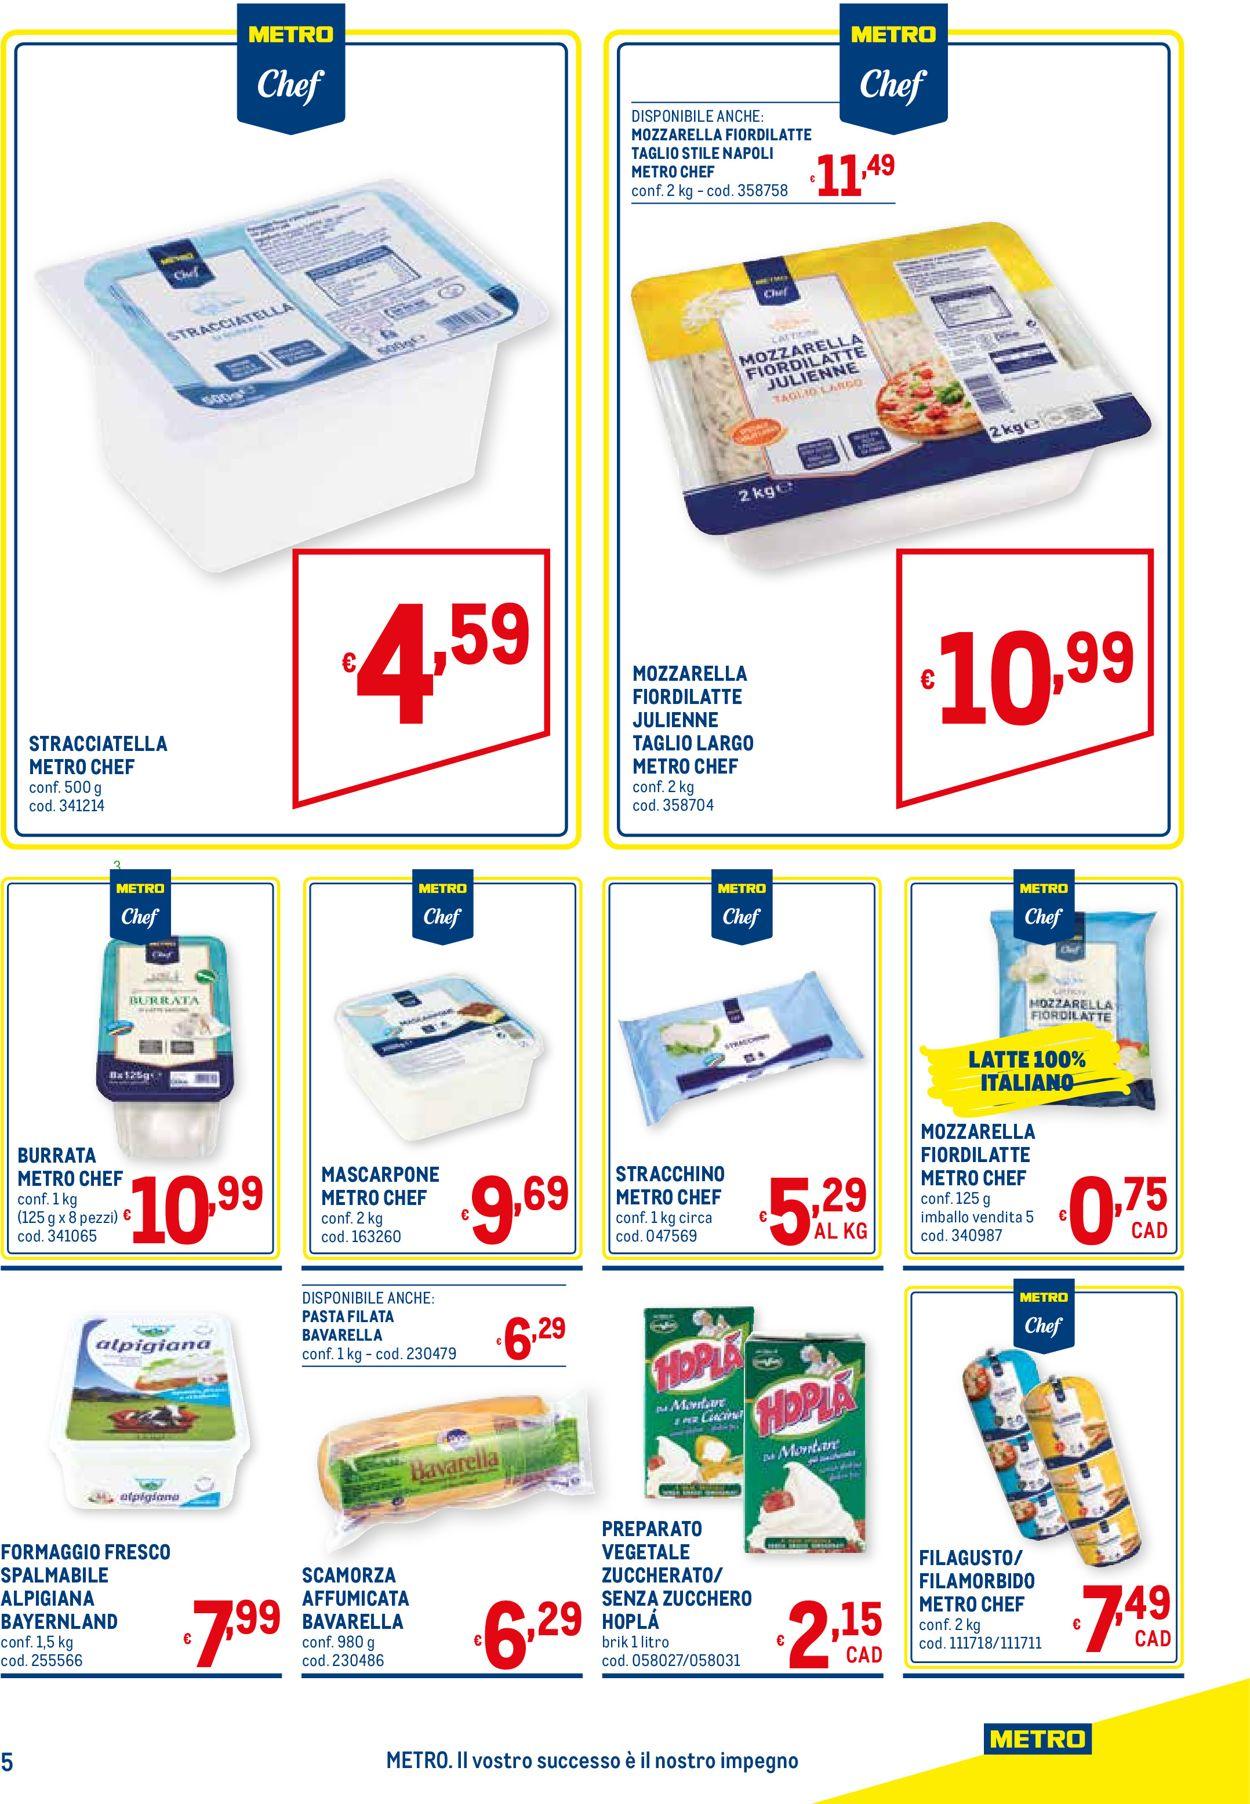 Volantino Metro - Offerte 20/05-16/06/2021 (Pagina 5)